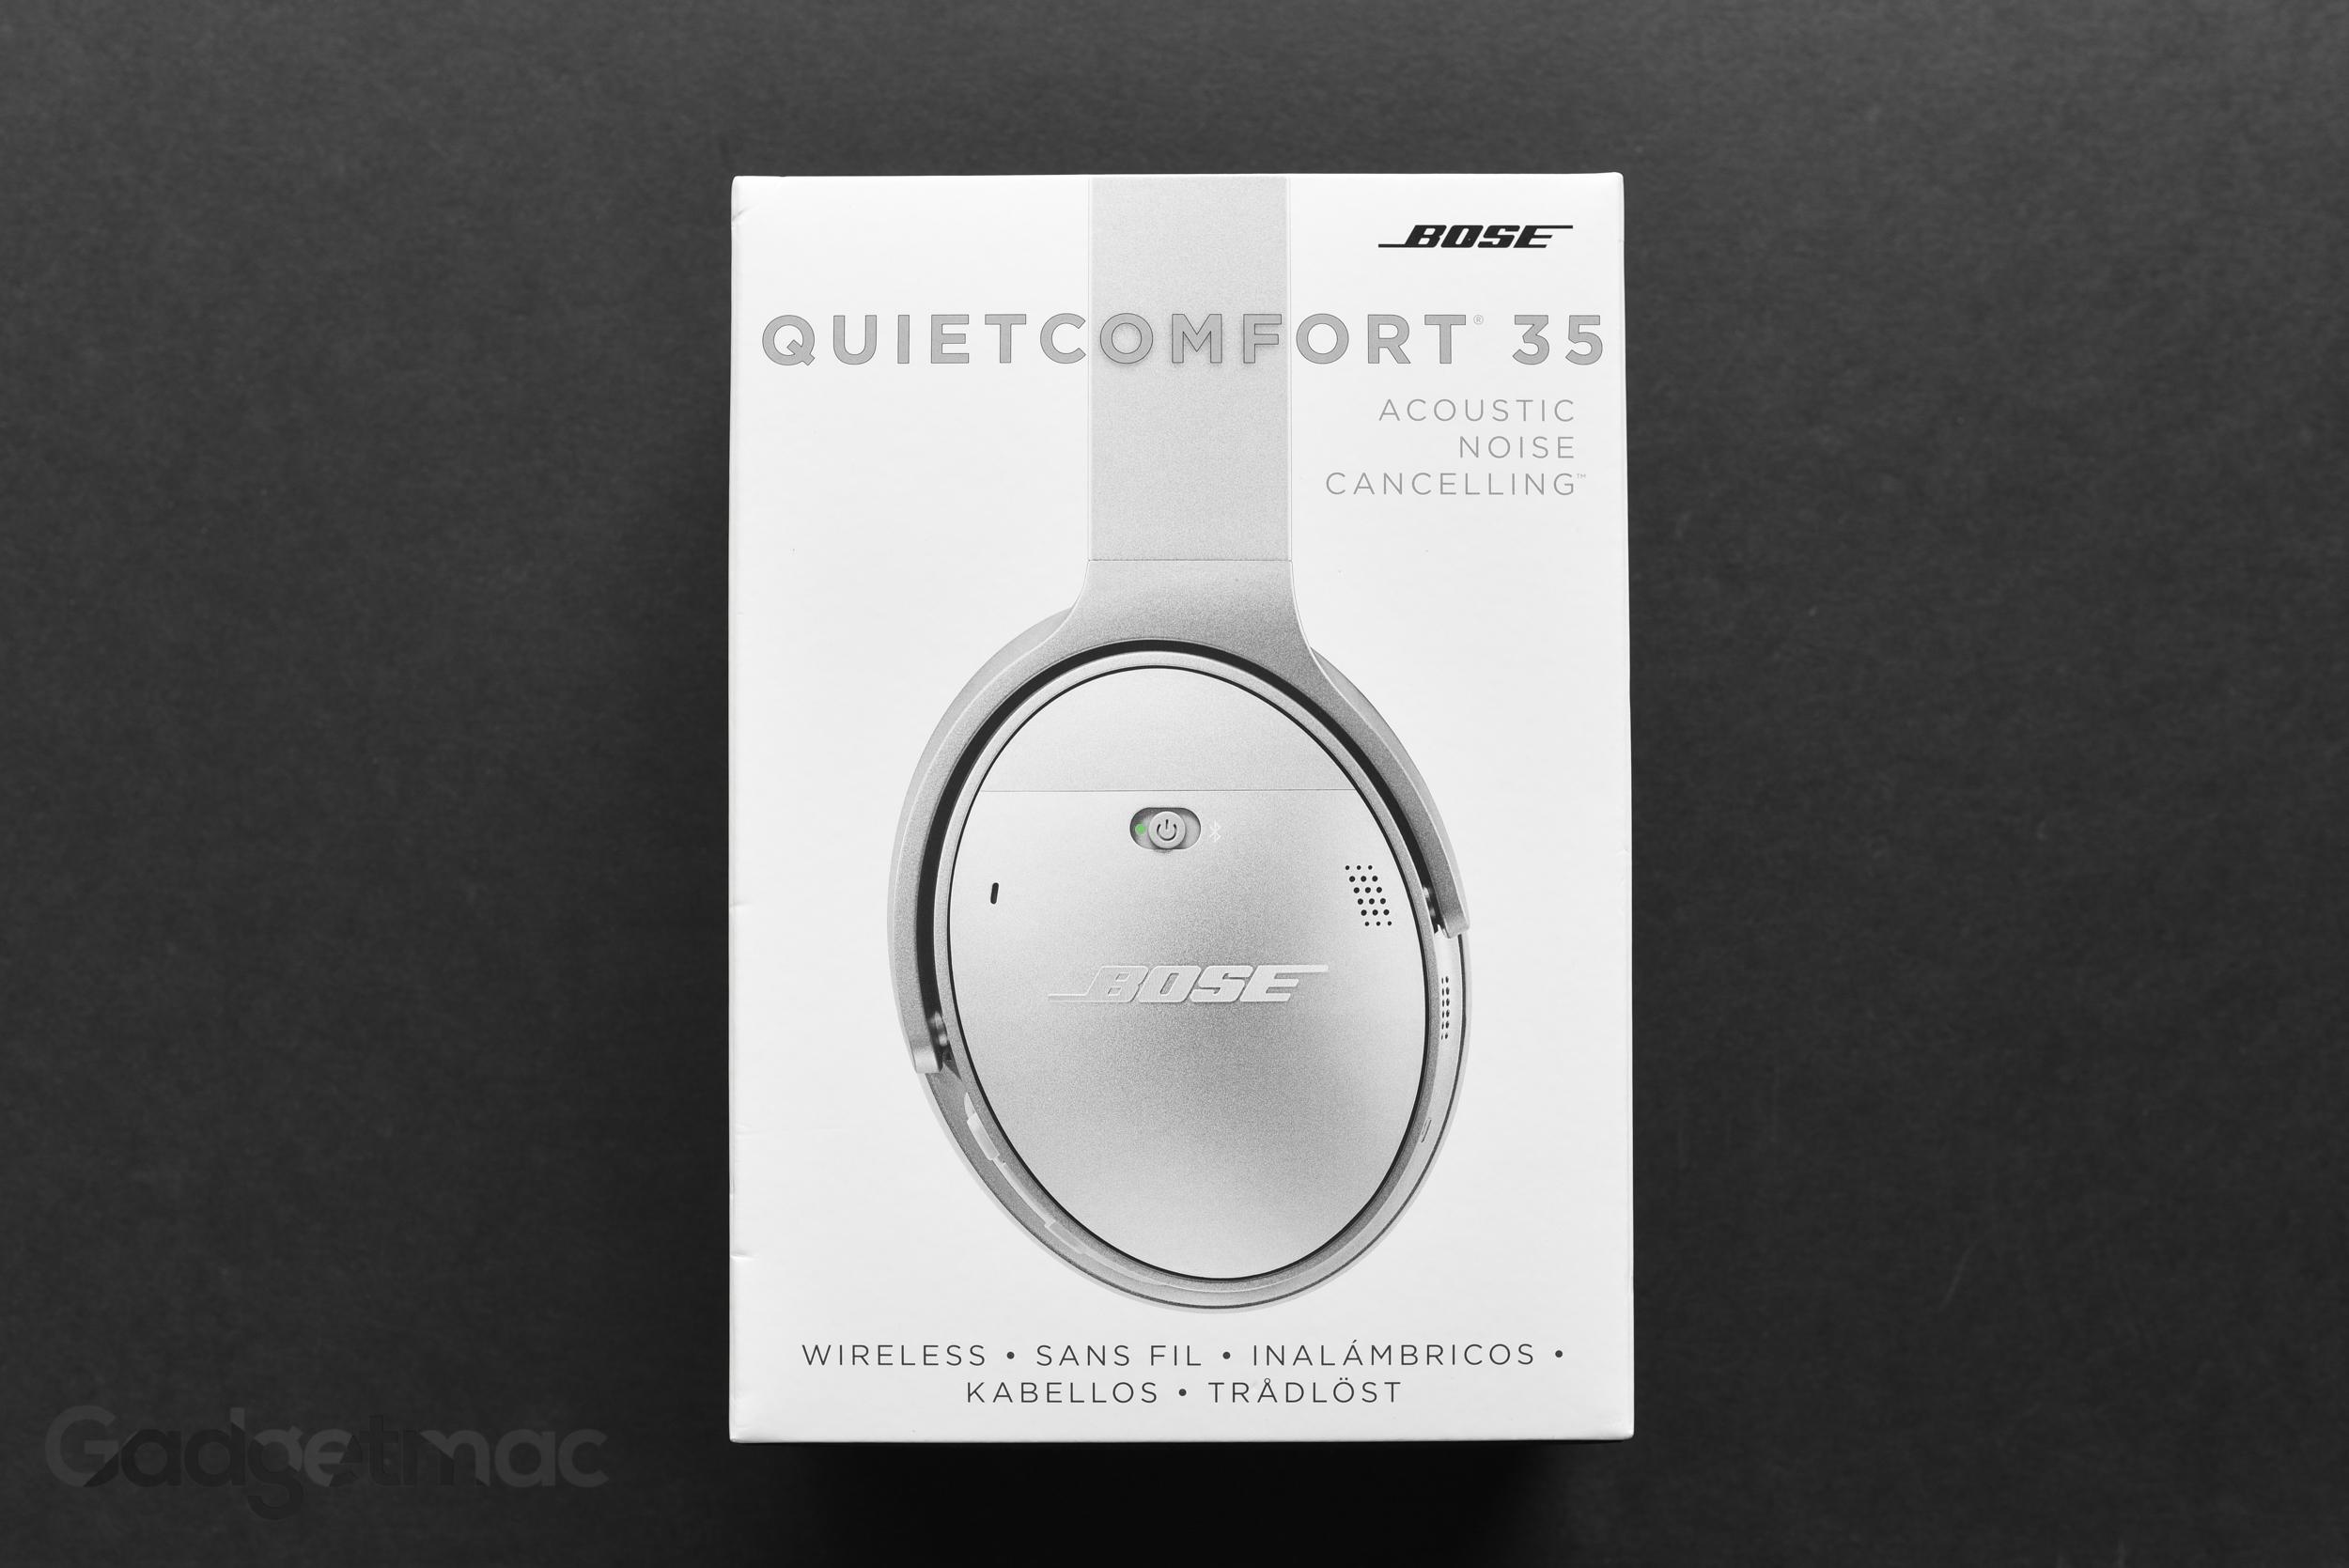 bose-quietcomfort-35-packaging.jpg